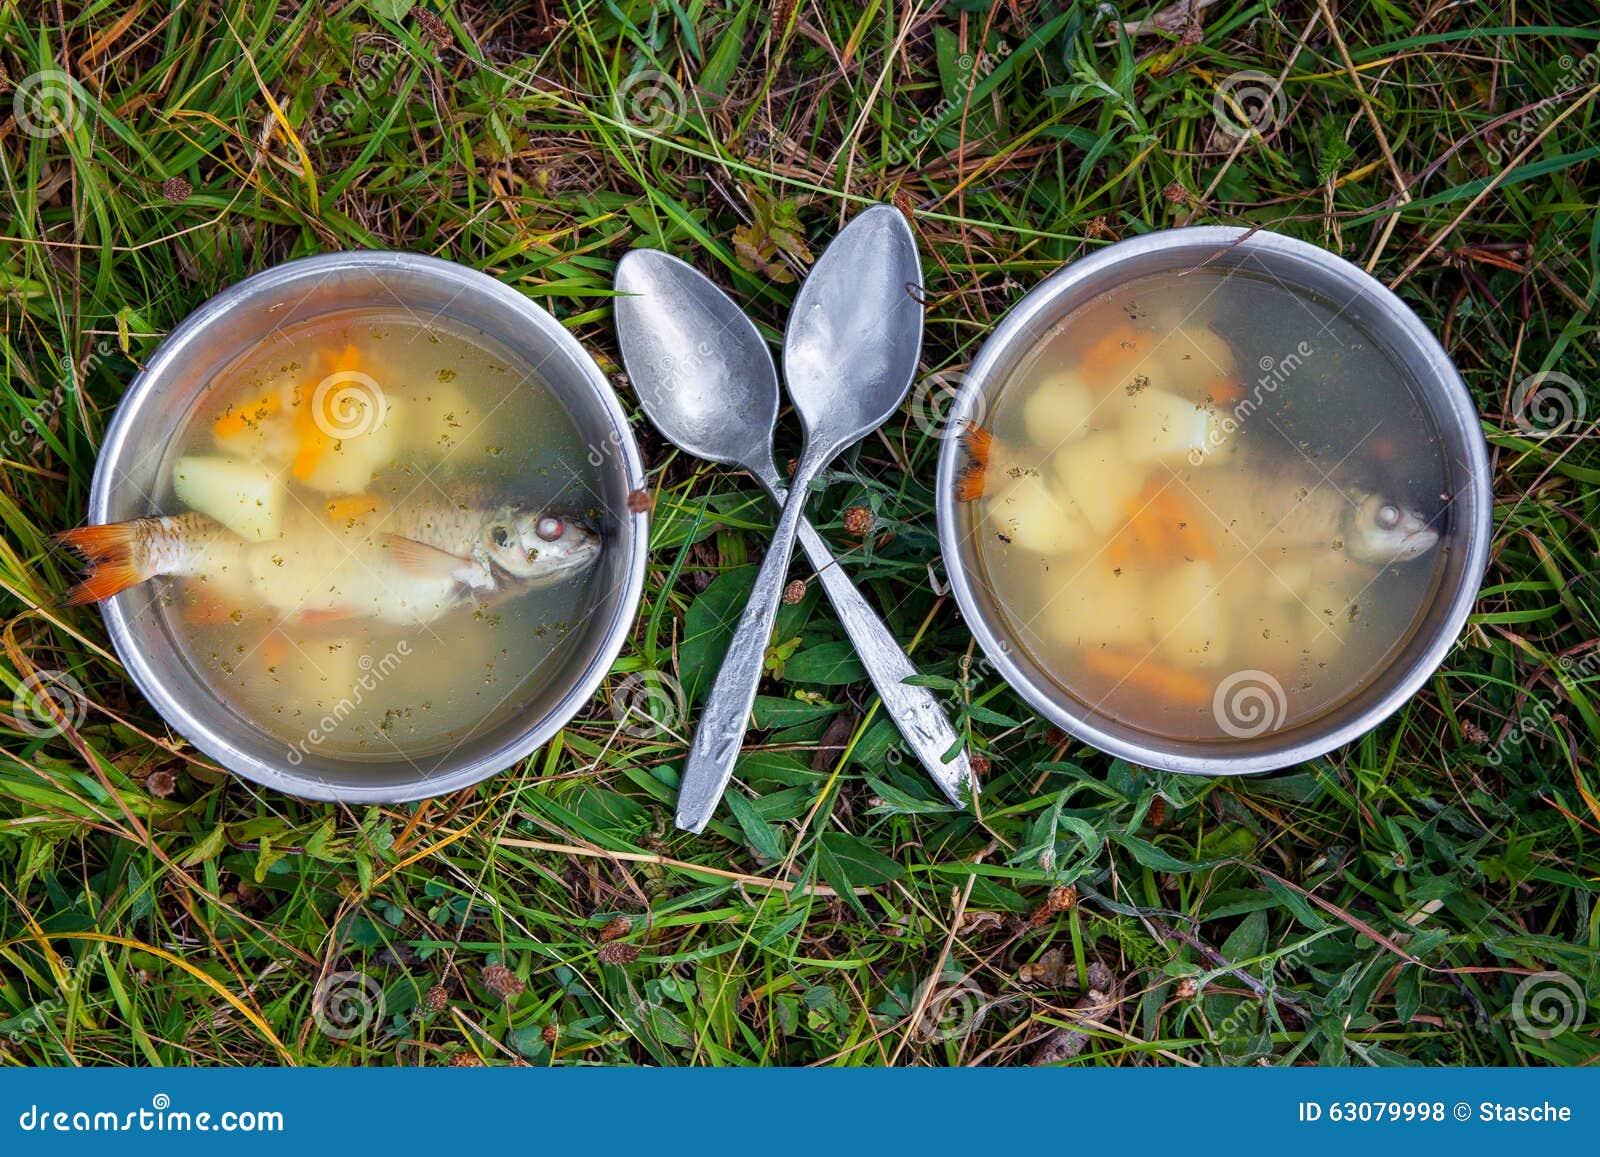 Download Potage de poissons photo stock. Image du vert, bouilli - 63079998